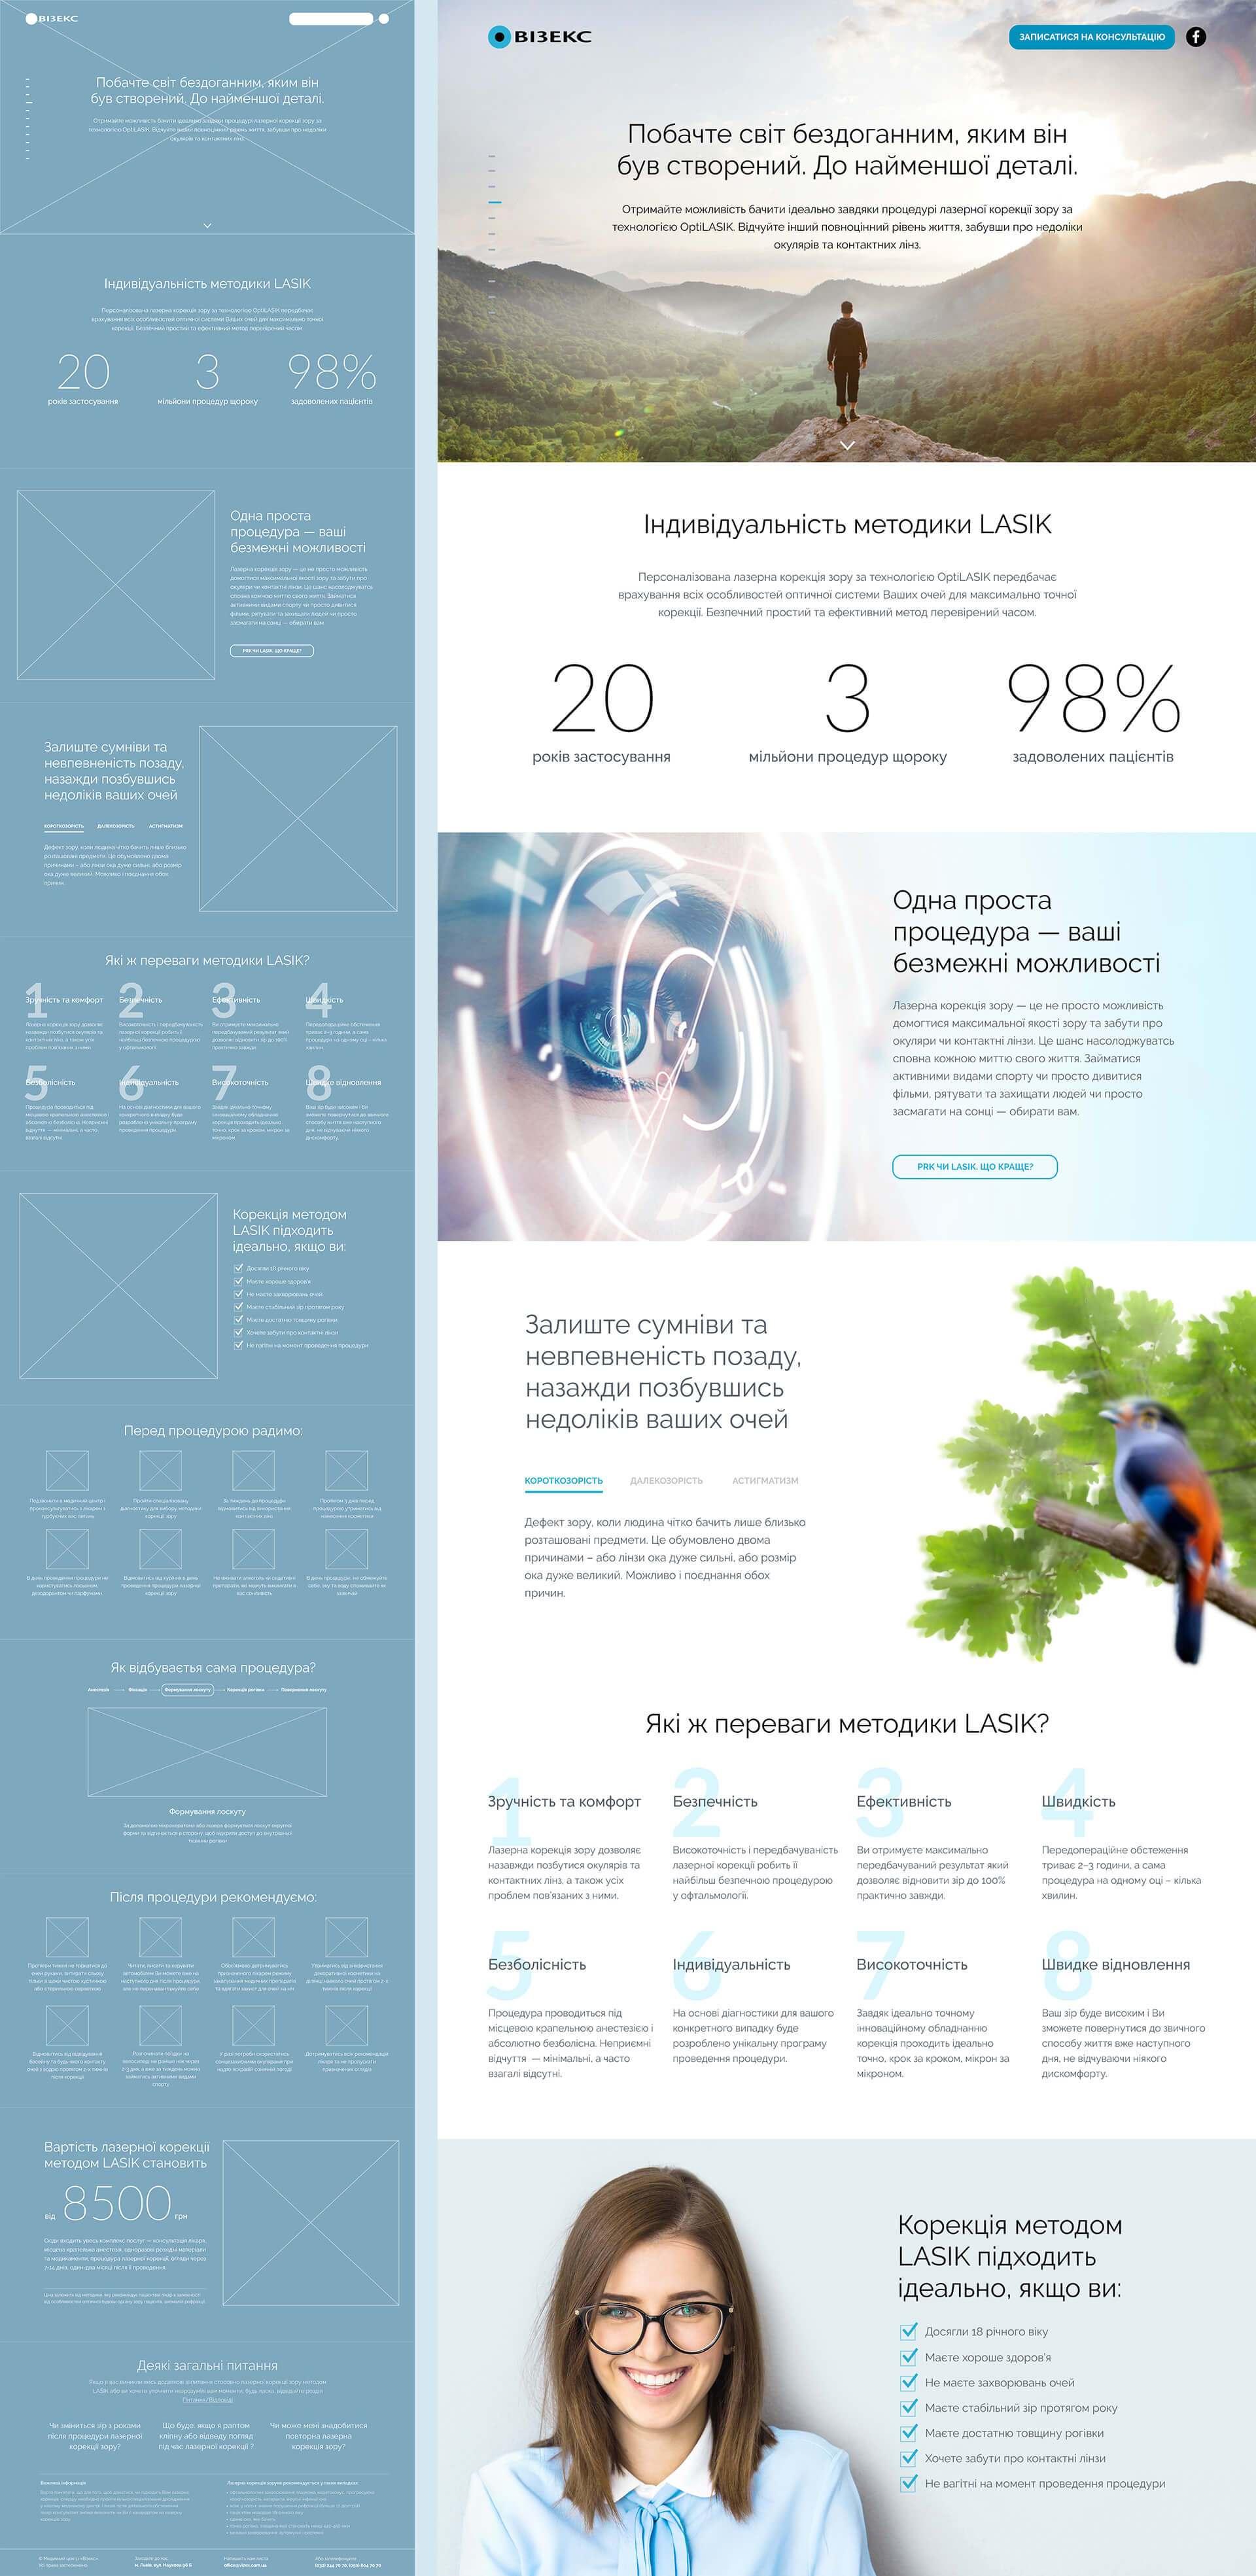 Прототип та оригінал макет промо-сайту лазерної корекції зору медичного  центру «Візекс» fbf613a435e34